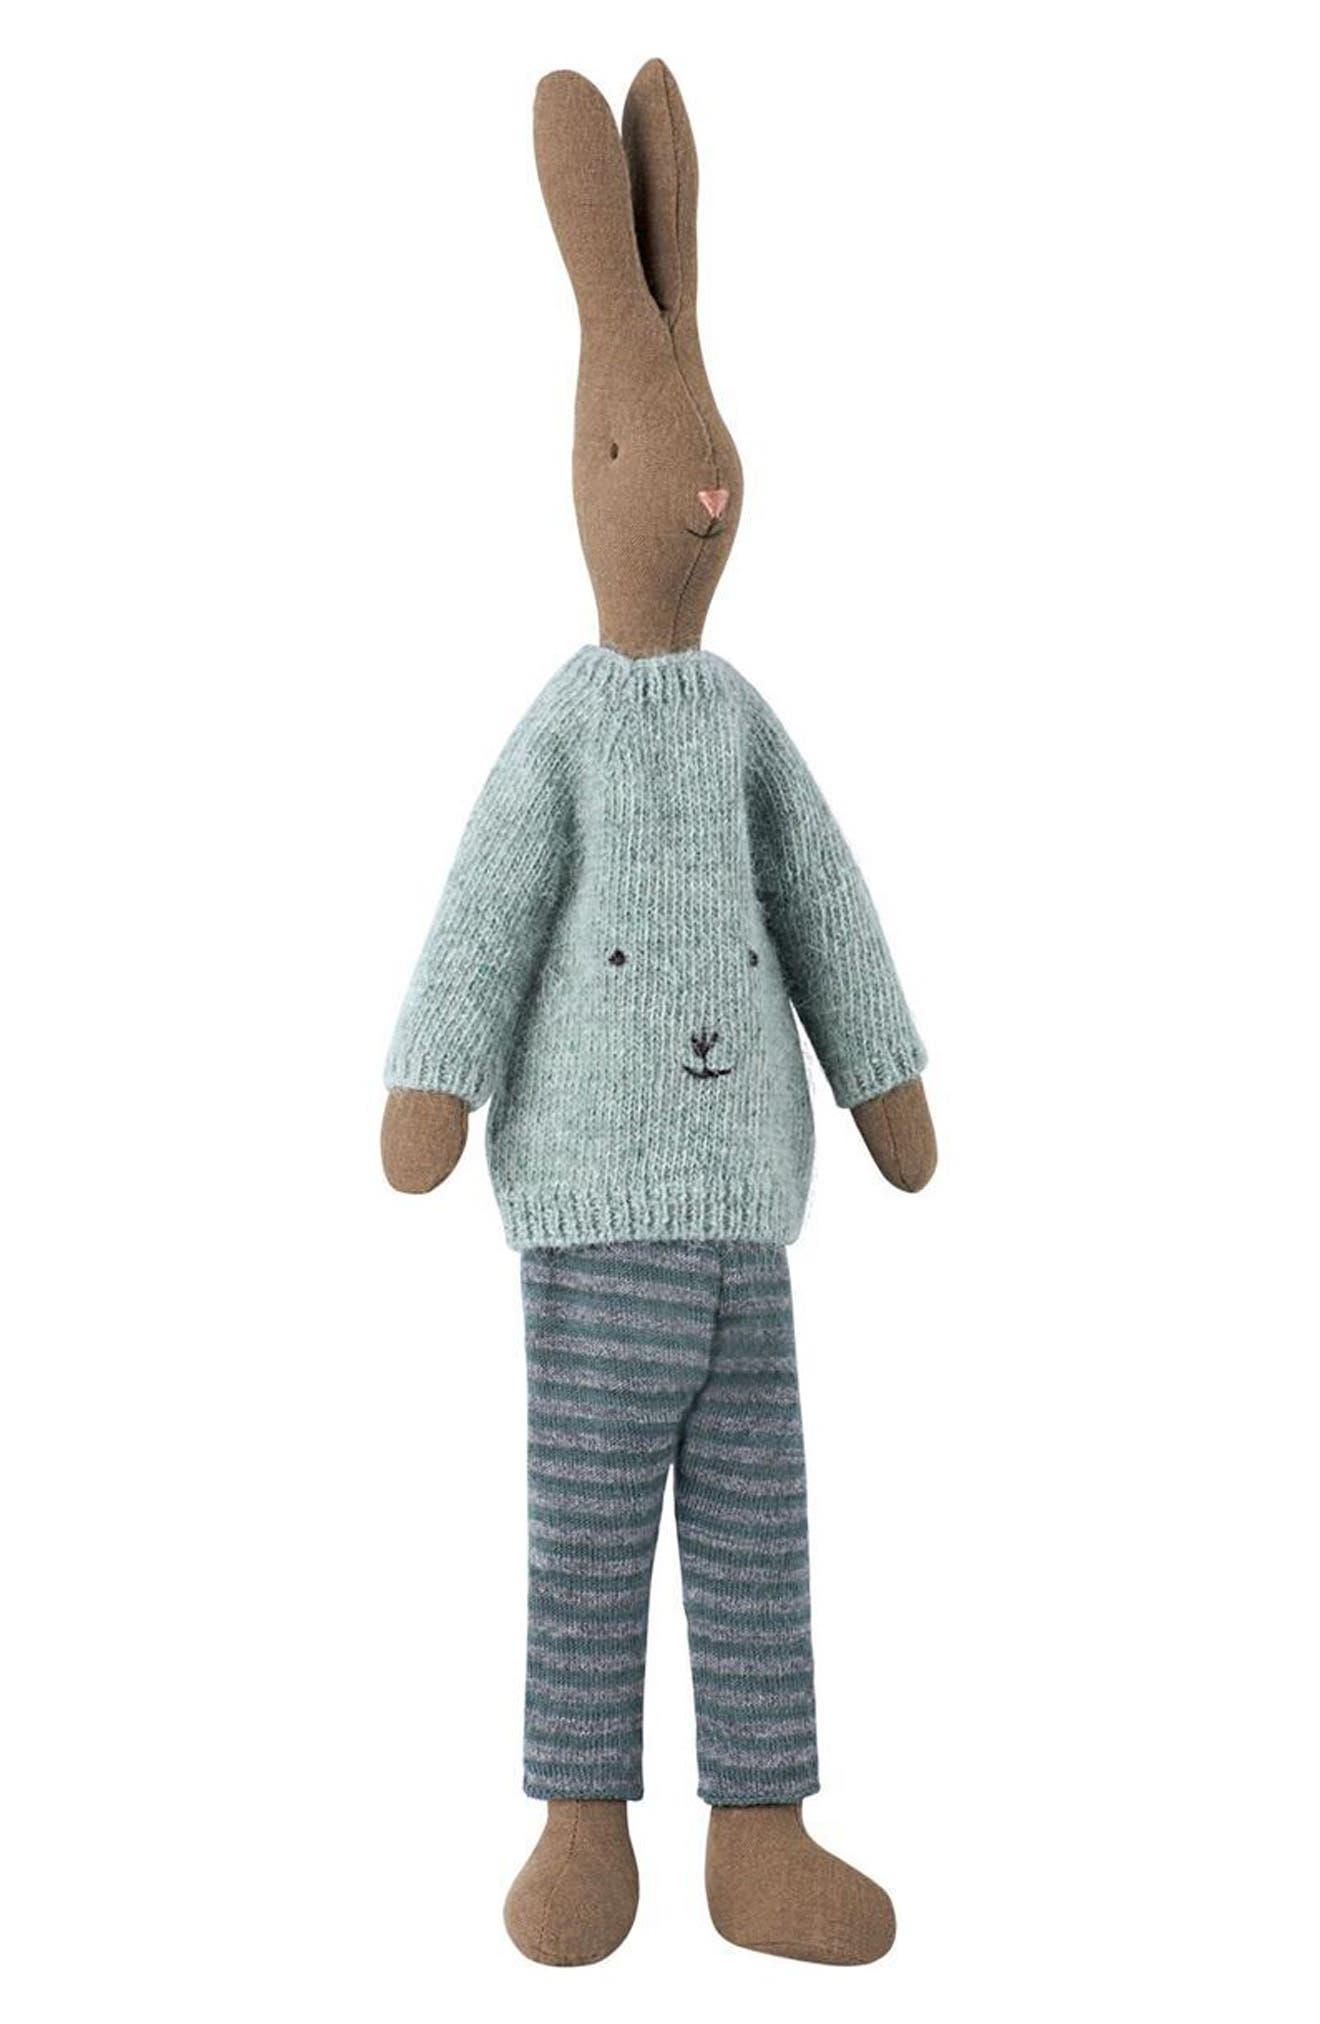 Linus Rabbit Stuffed Animal,                         Main,                         color, MULTI